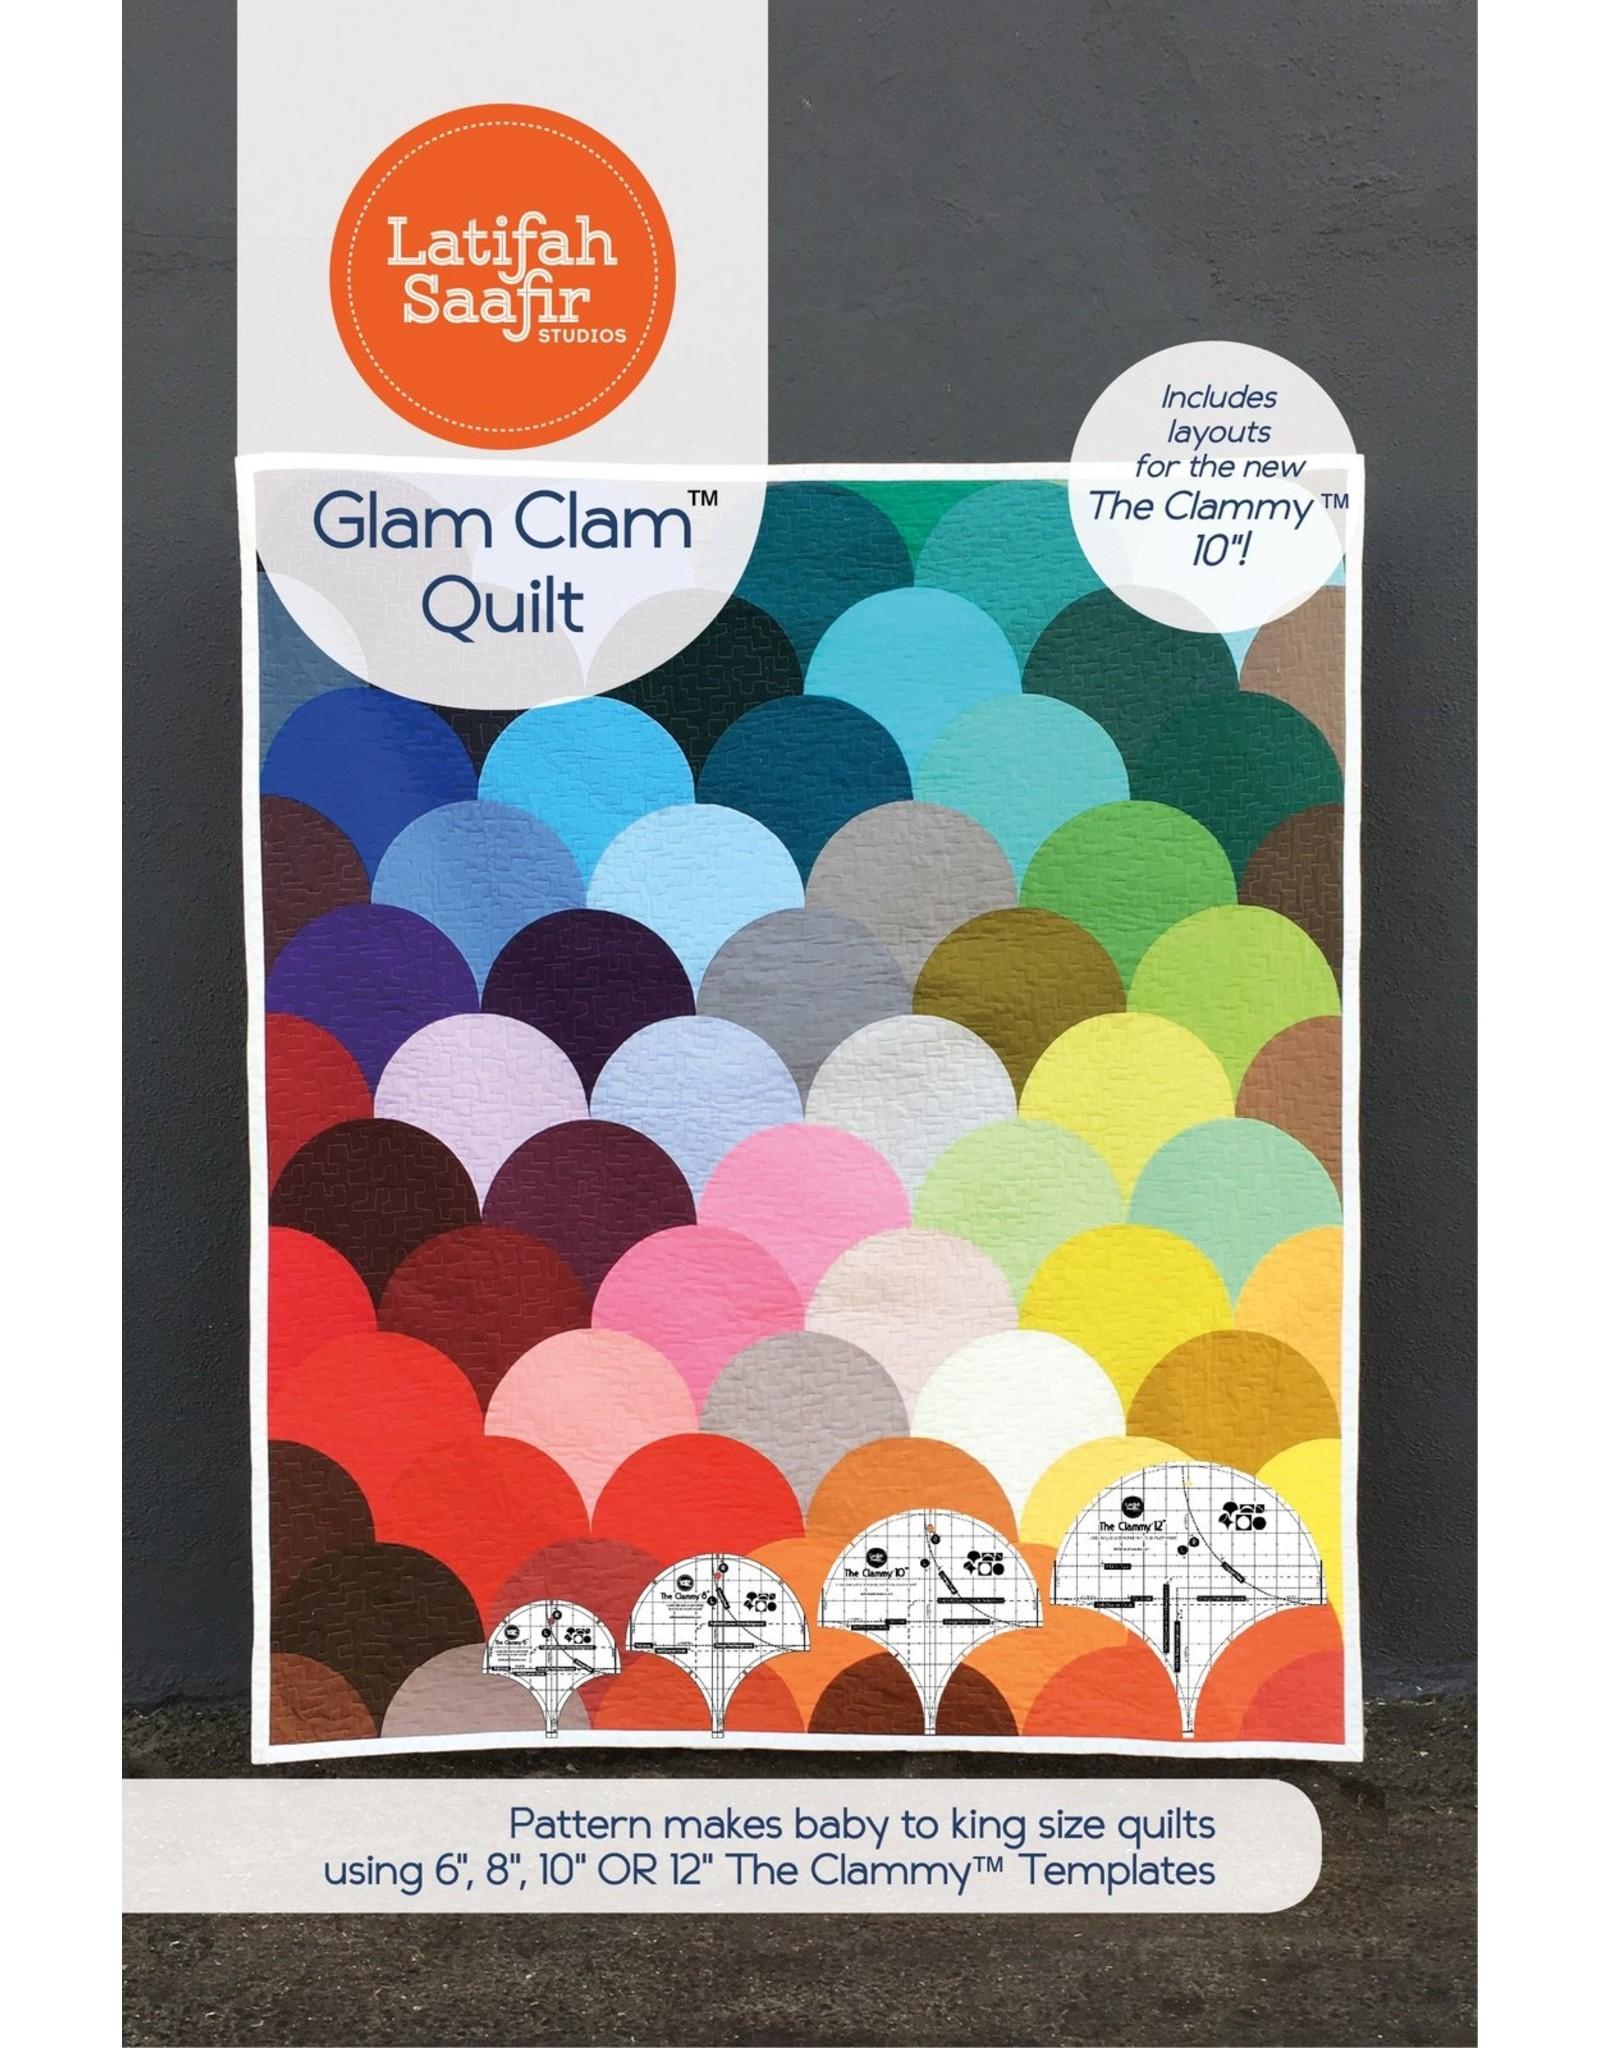 Latifah Saafir Studios Glam Clam Quilt